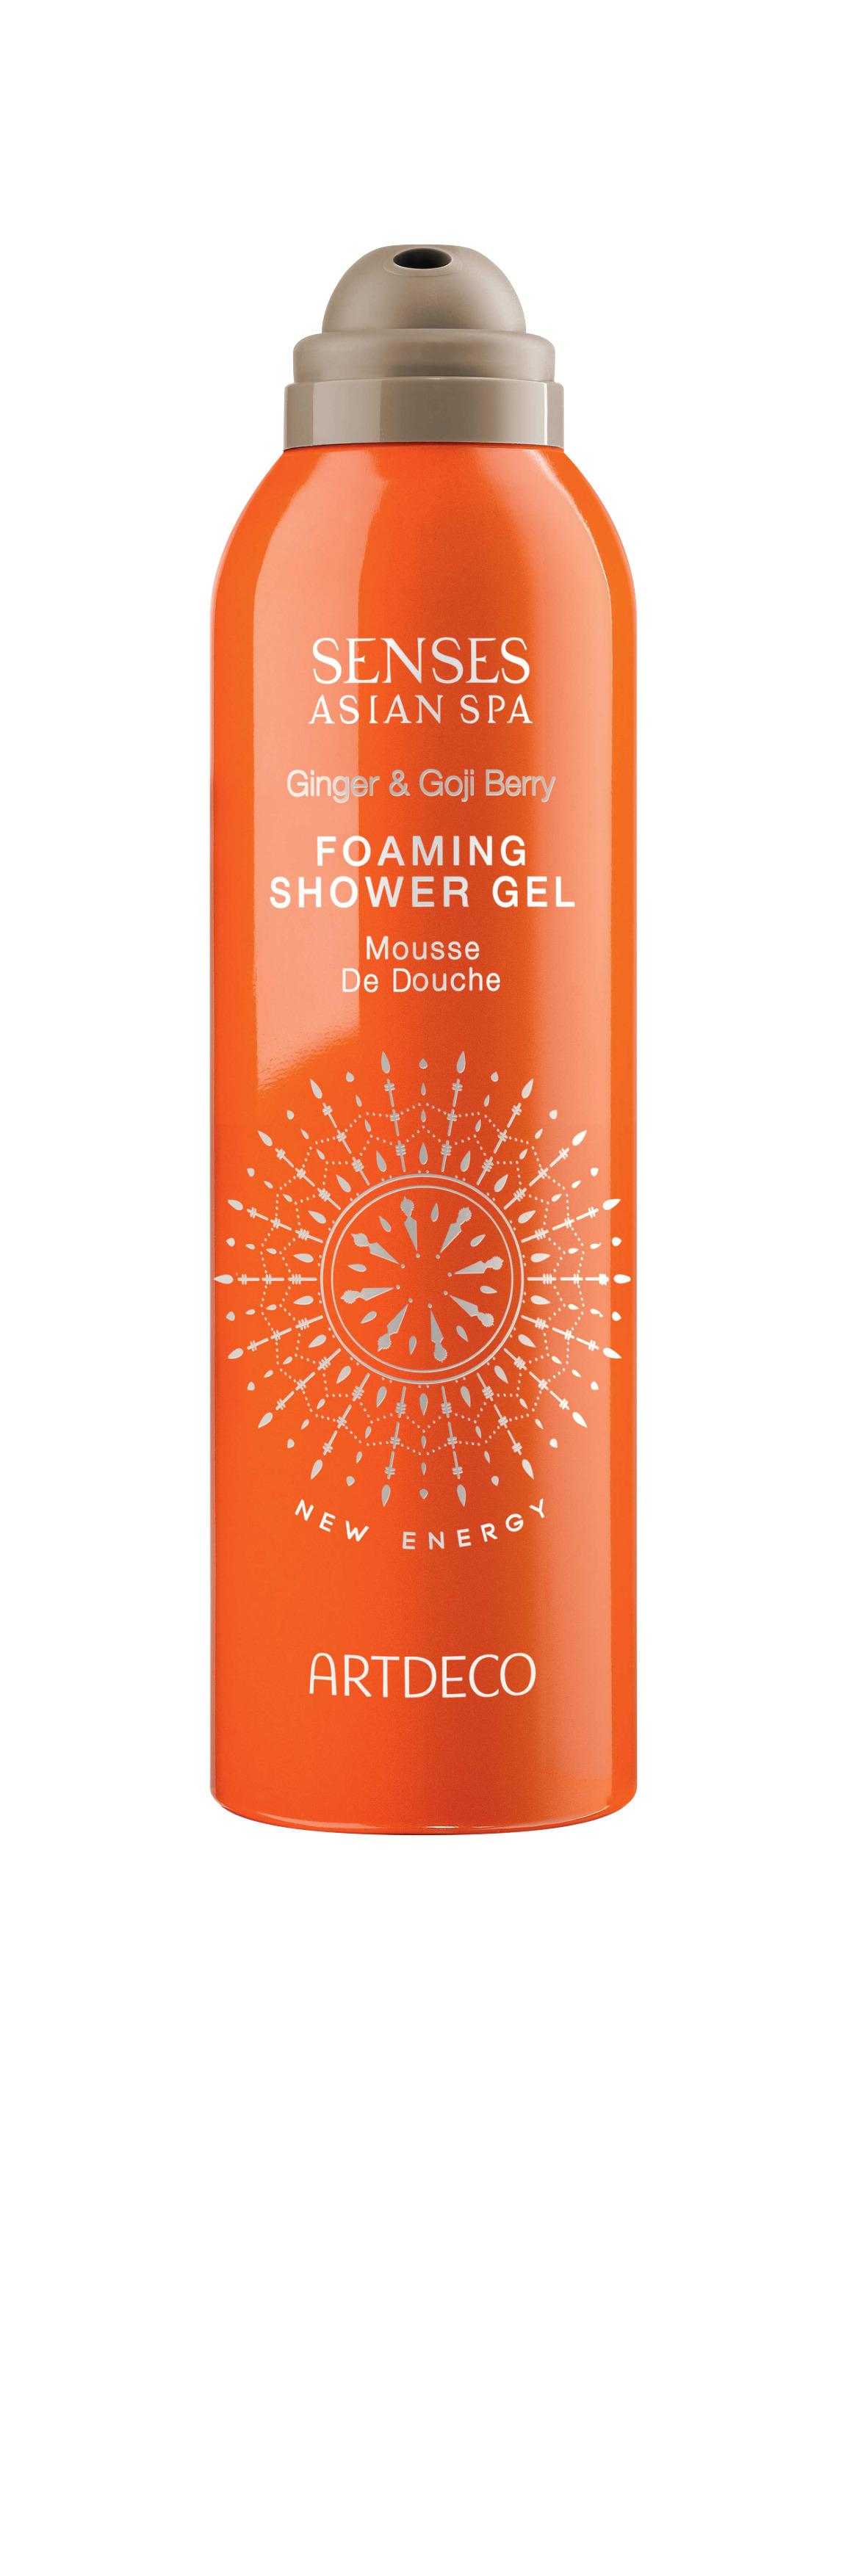 Artdeco гель-пена для душа Foaming shower gel, new energy, 200 мл65100Пенящаяся и воздушная текстура Питает и увлажняет кожу